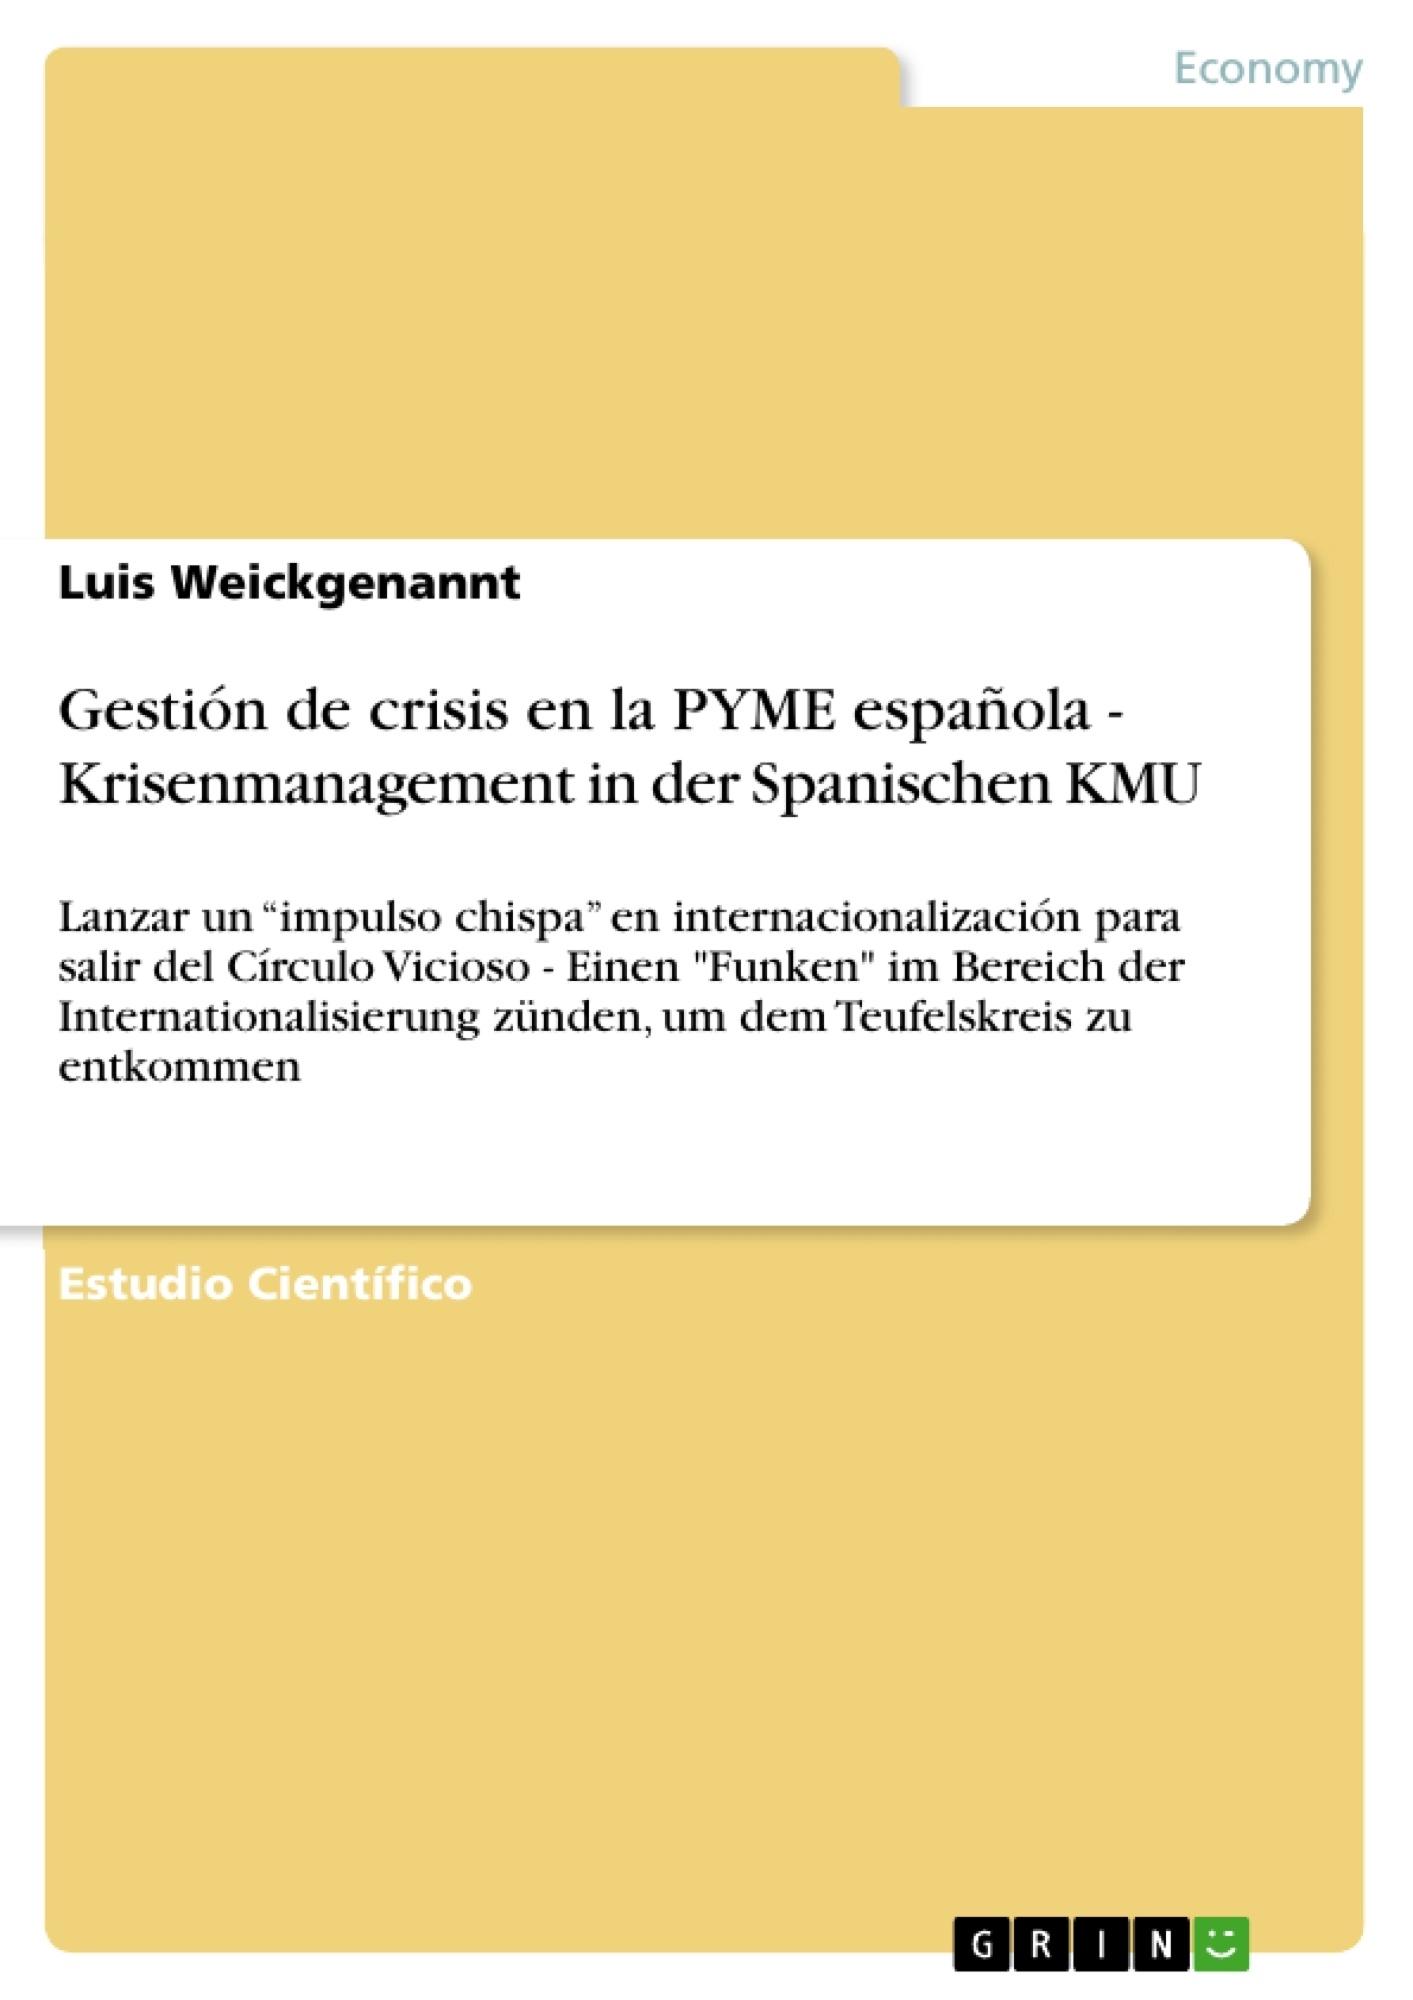 Título: Gestión de crisis en la PYME española - Krisenmanagement in der Spanischen KMU